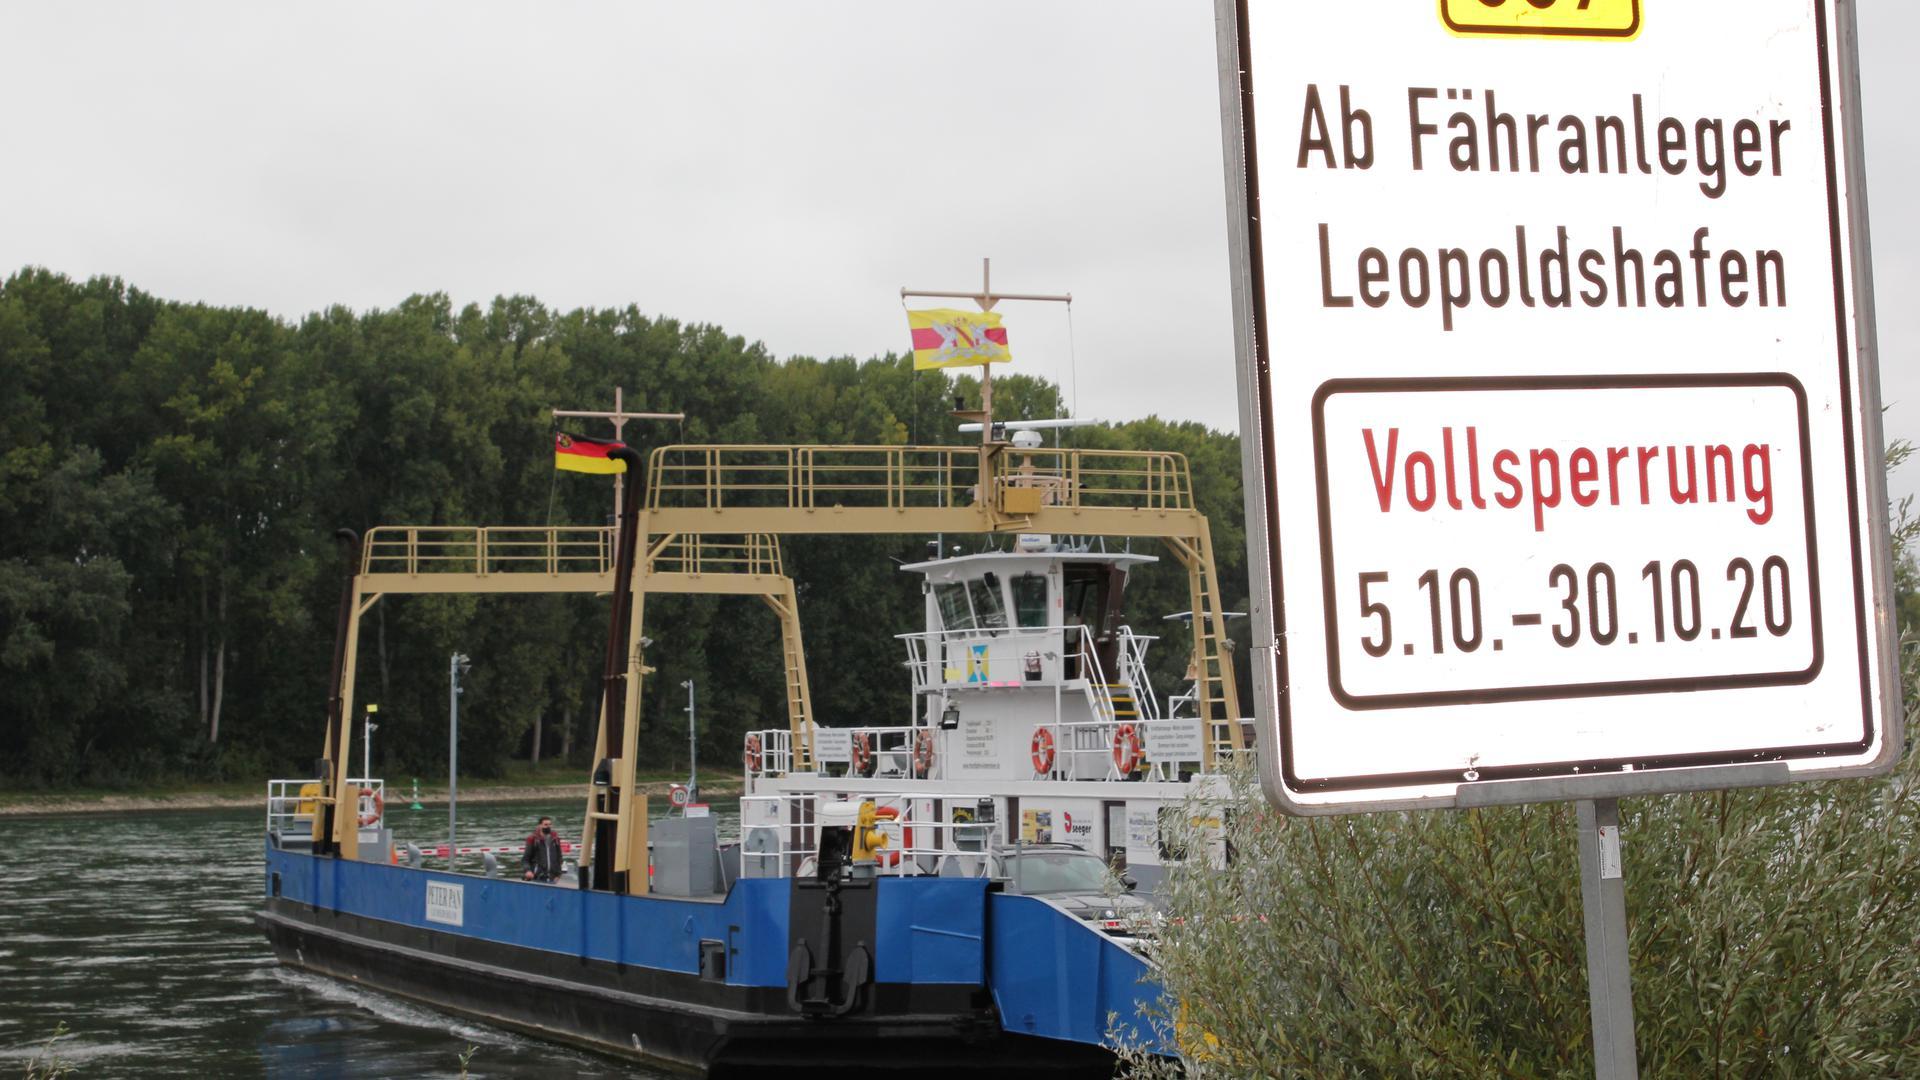 Fähre am Rhein bei Leopoldshafen, Hinweisschild auf Sperrung